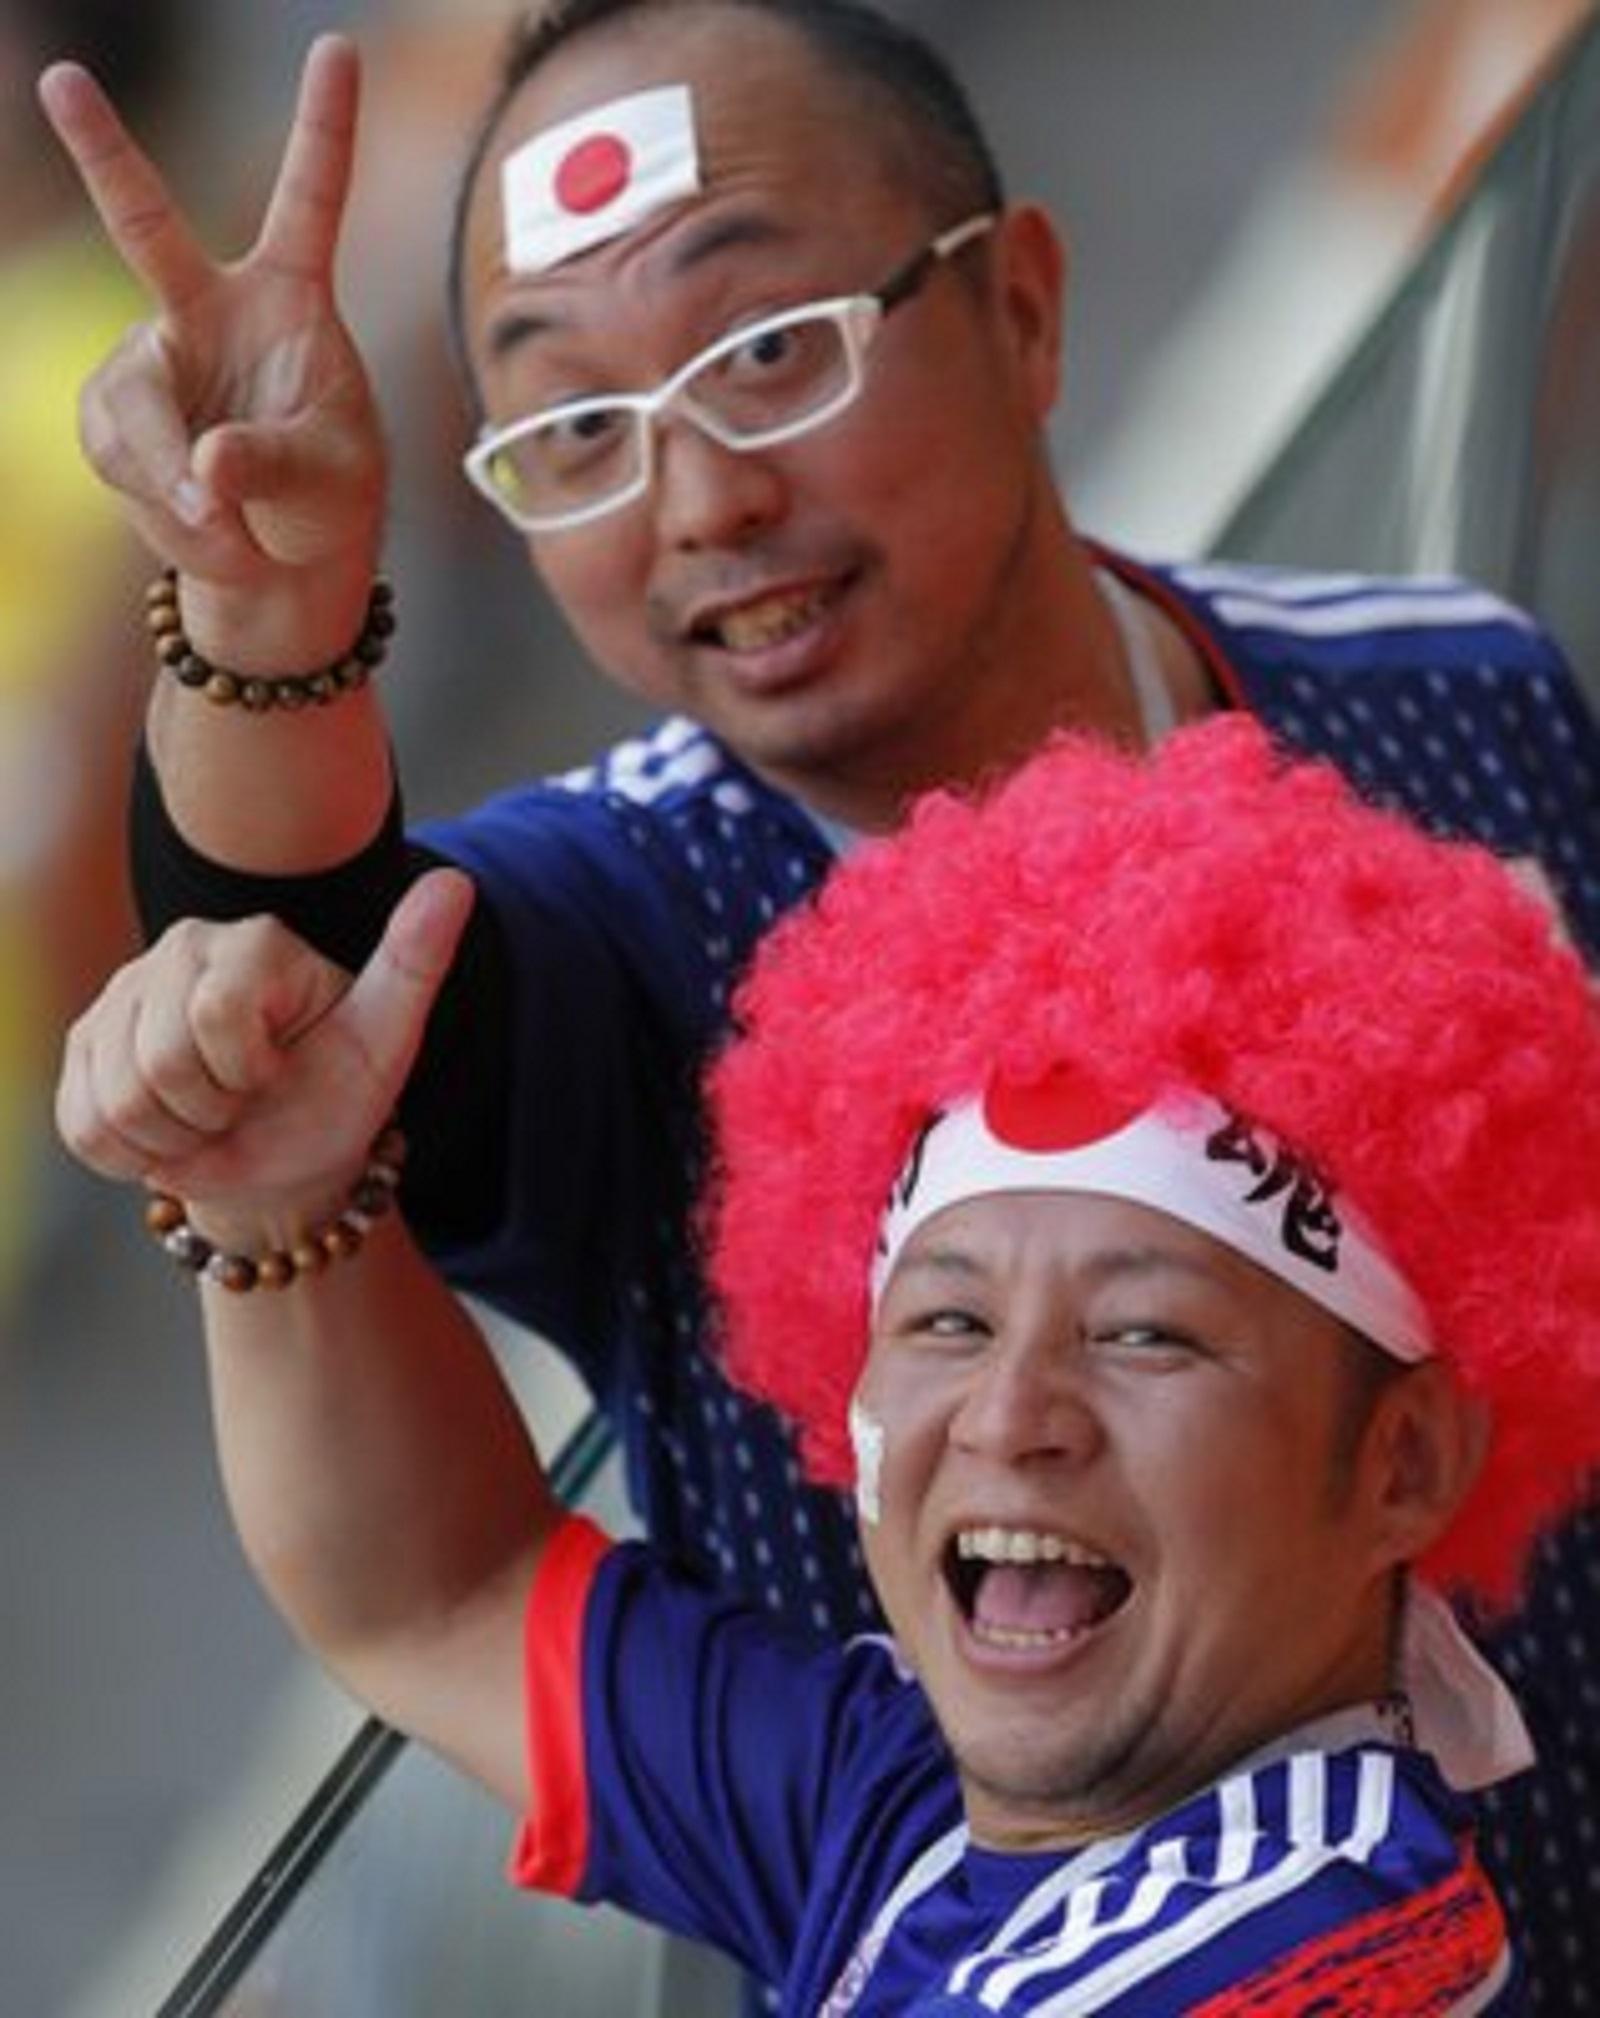 چهرههای عجیب هواداران فوتبال در جام جهانی روسیه+ تصاویر